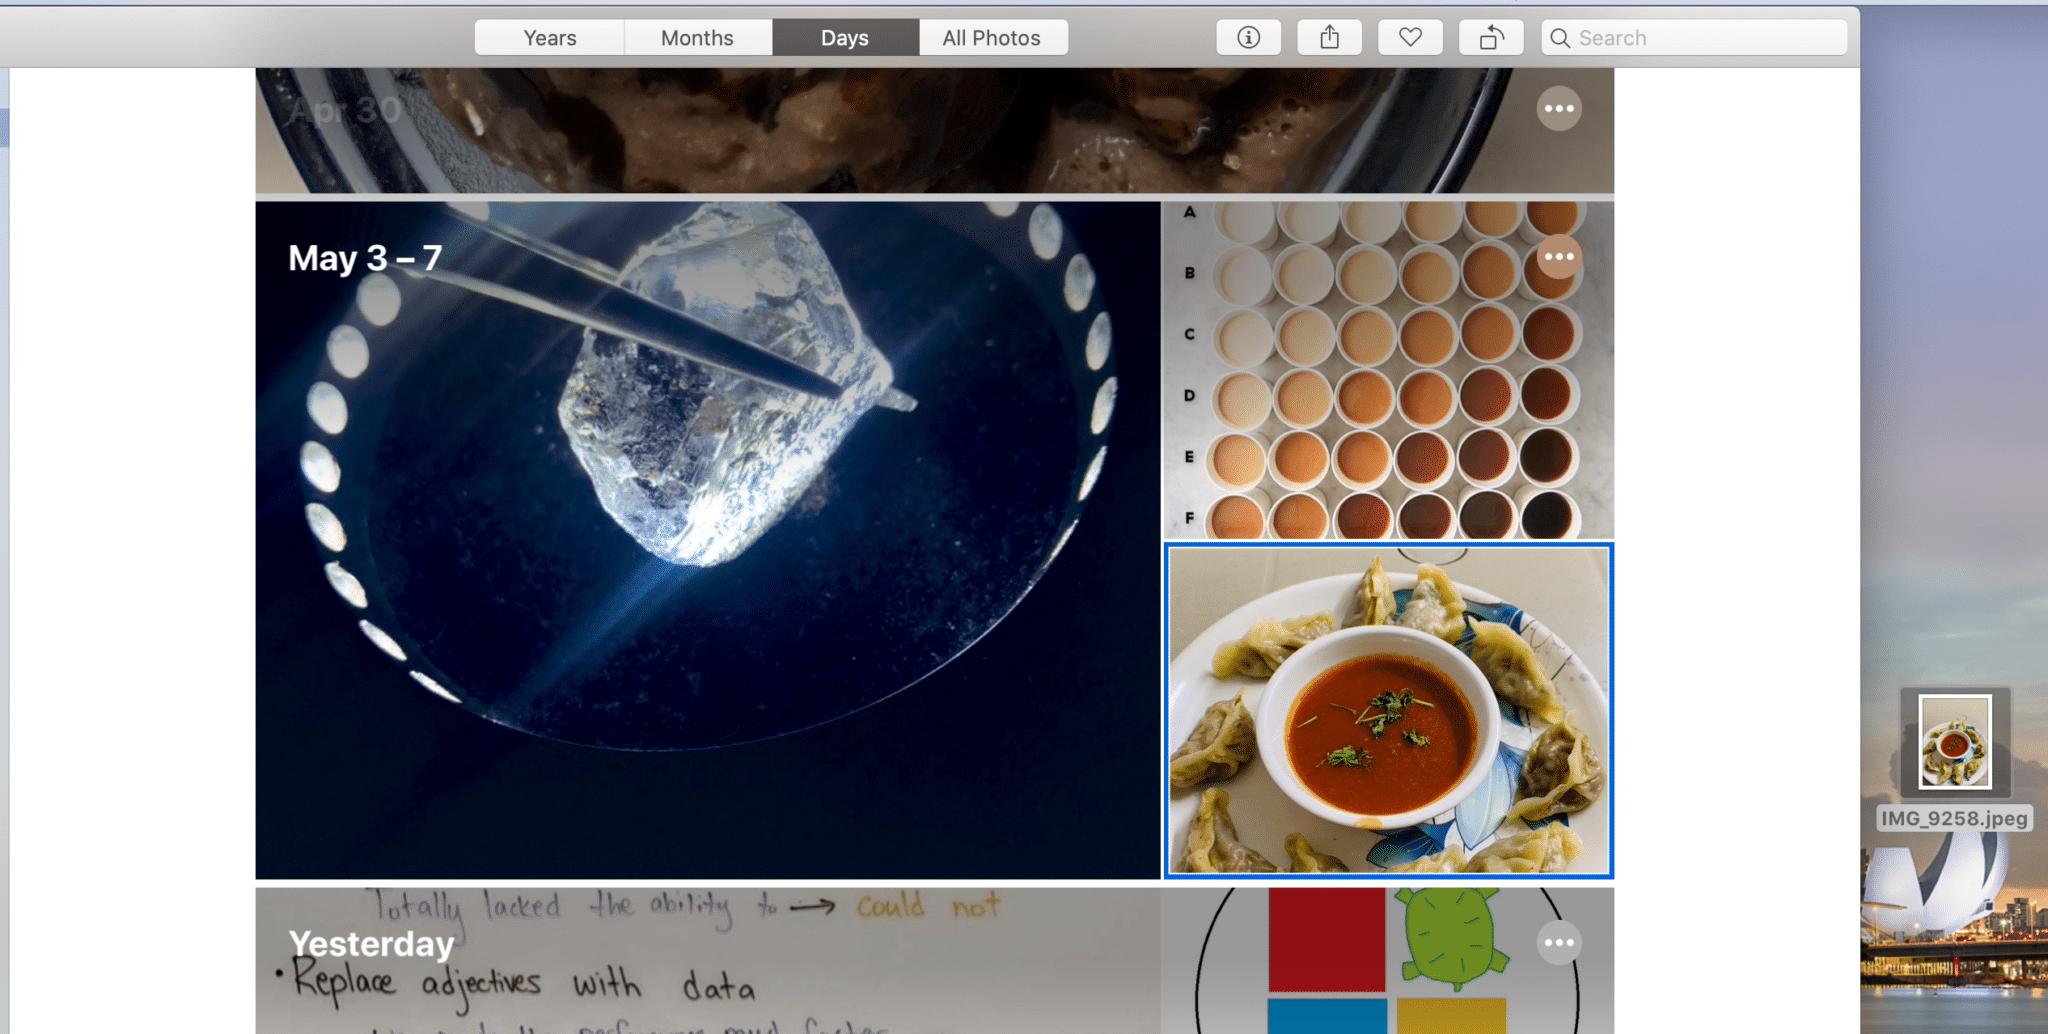 перетаскивать изображения рабочего стола